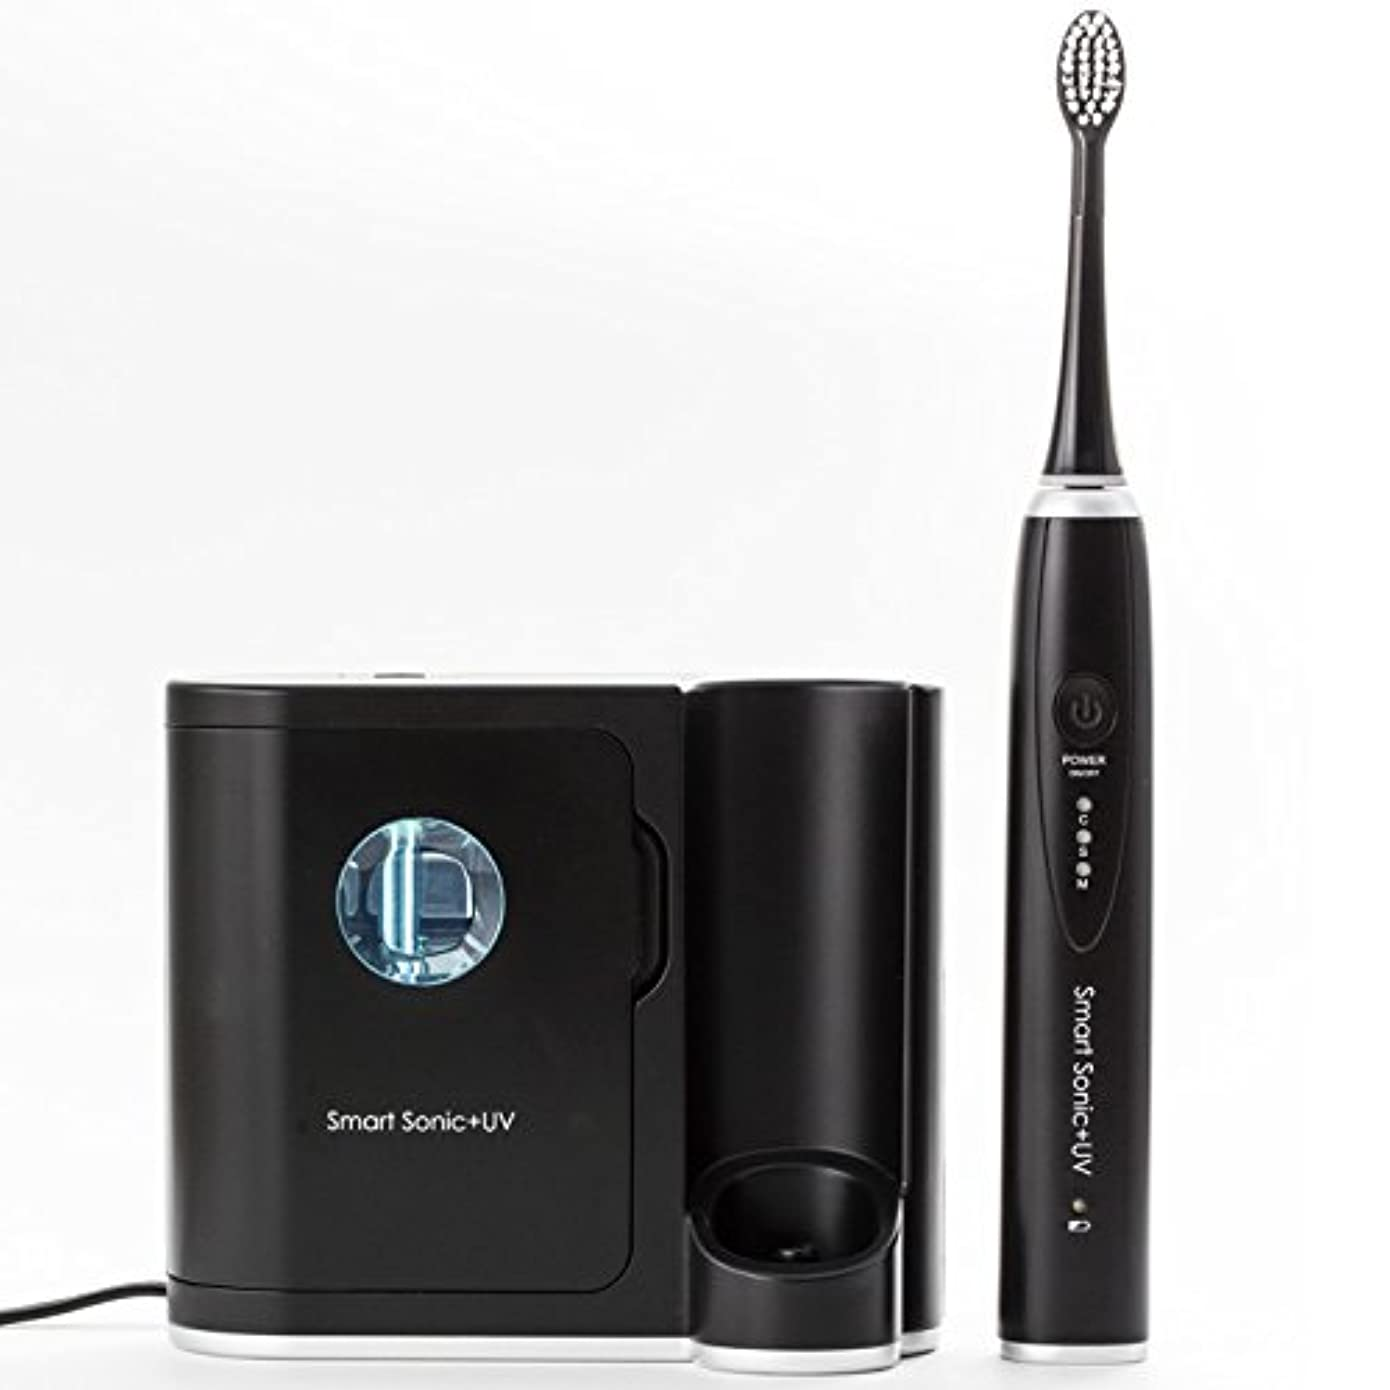 石ハシー絶滅音波歯ブラシ UV 紫外線除菌 歯ブラシ 殺菌機能付き 電動歯ブラシ スマートソニック プラス UV Smart Sonic UV